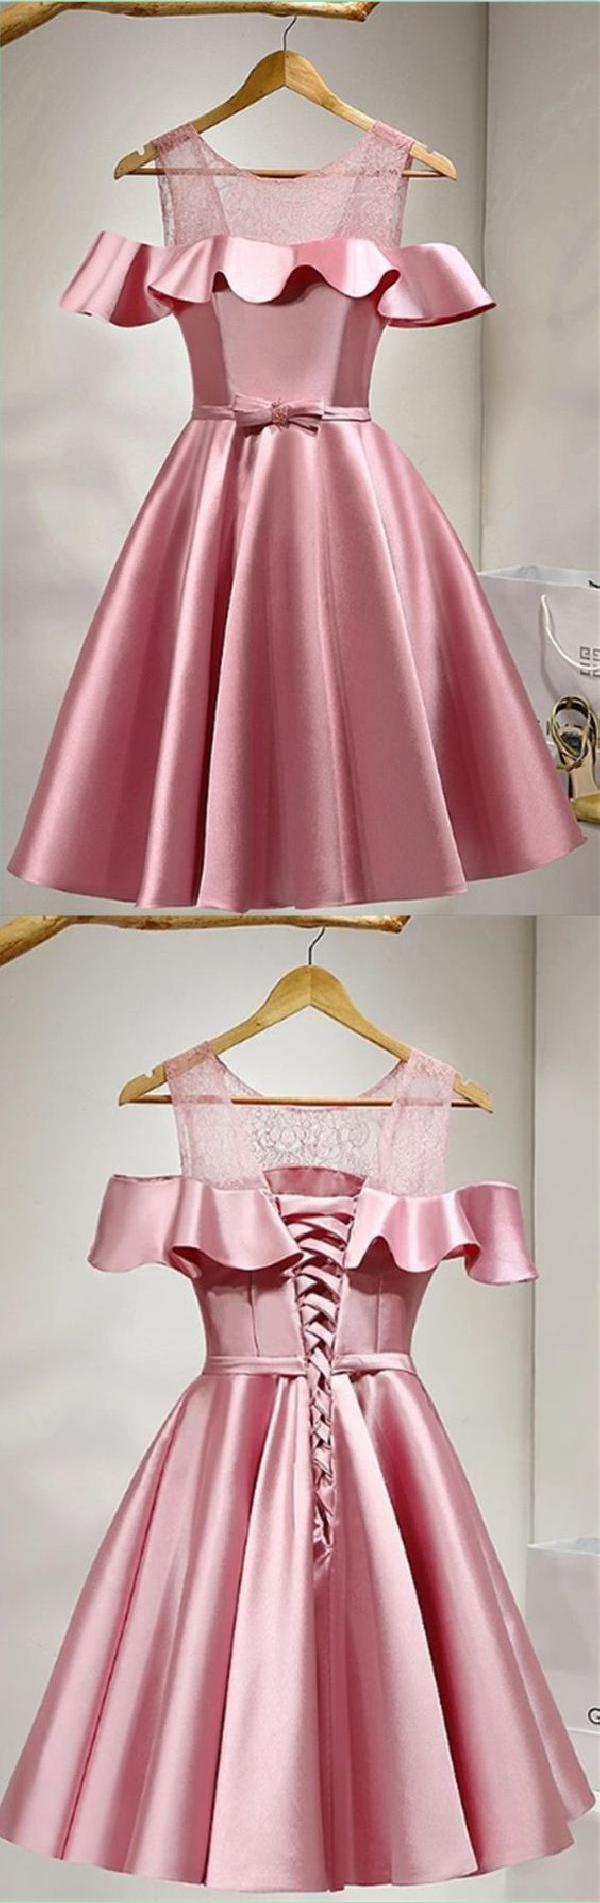 Mejores 35 imágenes de vestidos en Pinterest | Vestidos bonitos ...